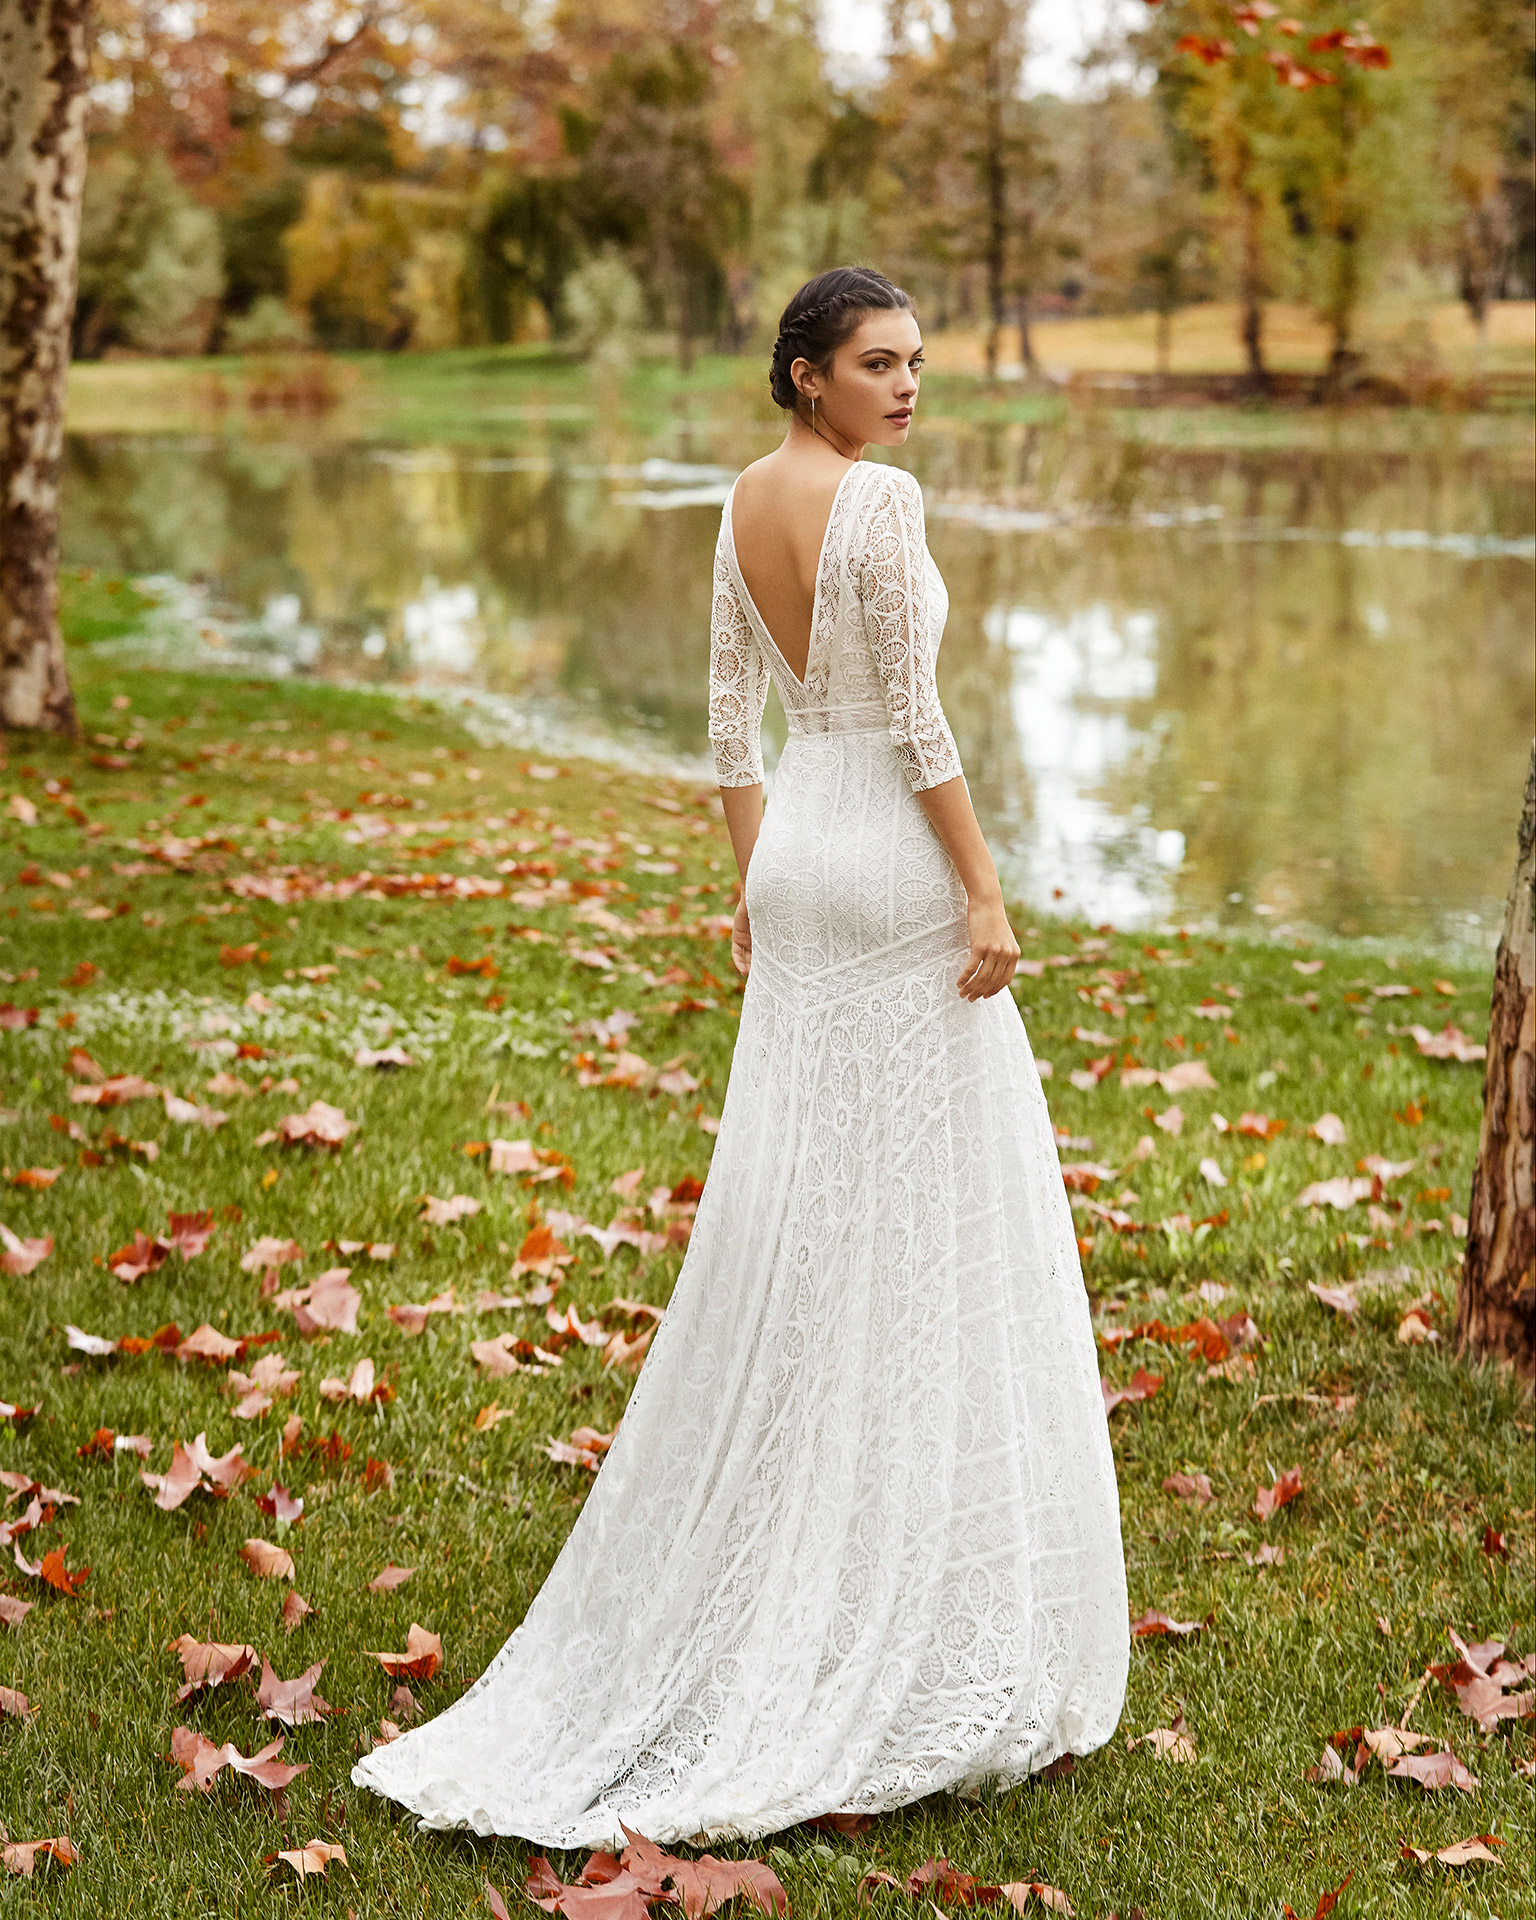 Vestido y funda de novia ligero encaje con abertura delantera, con escote y espalda en V con manga 3/4. Colección ALMANOVIA 2020.